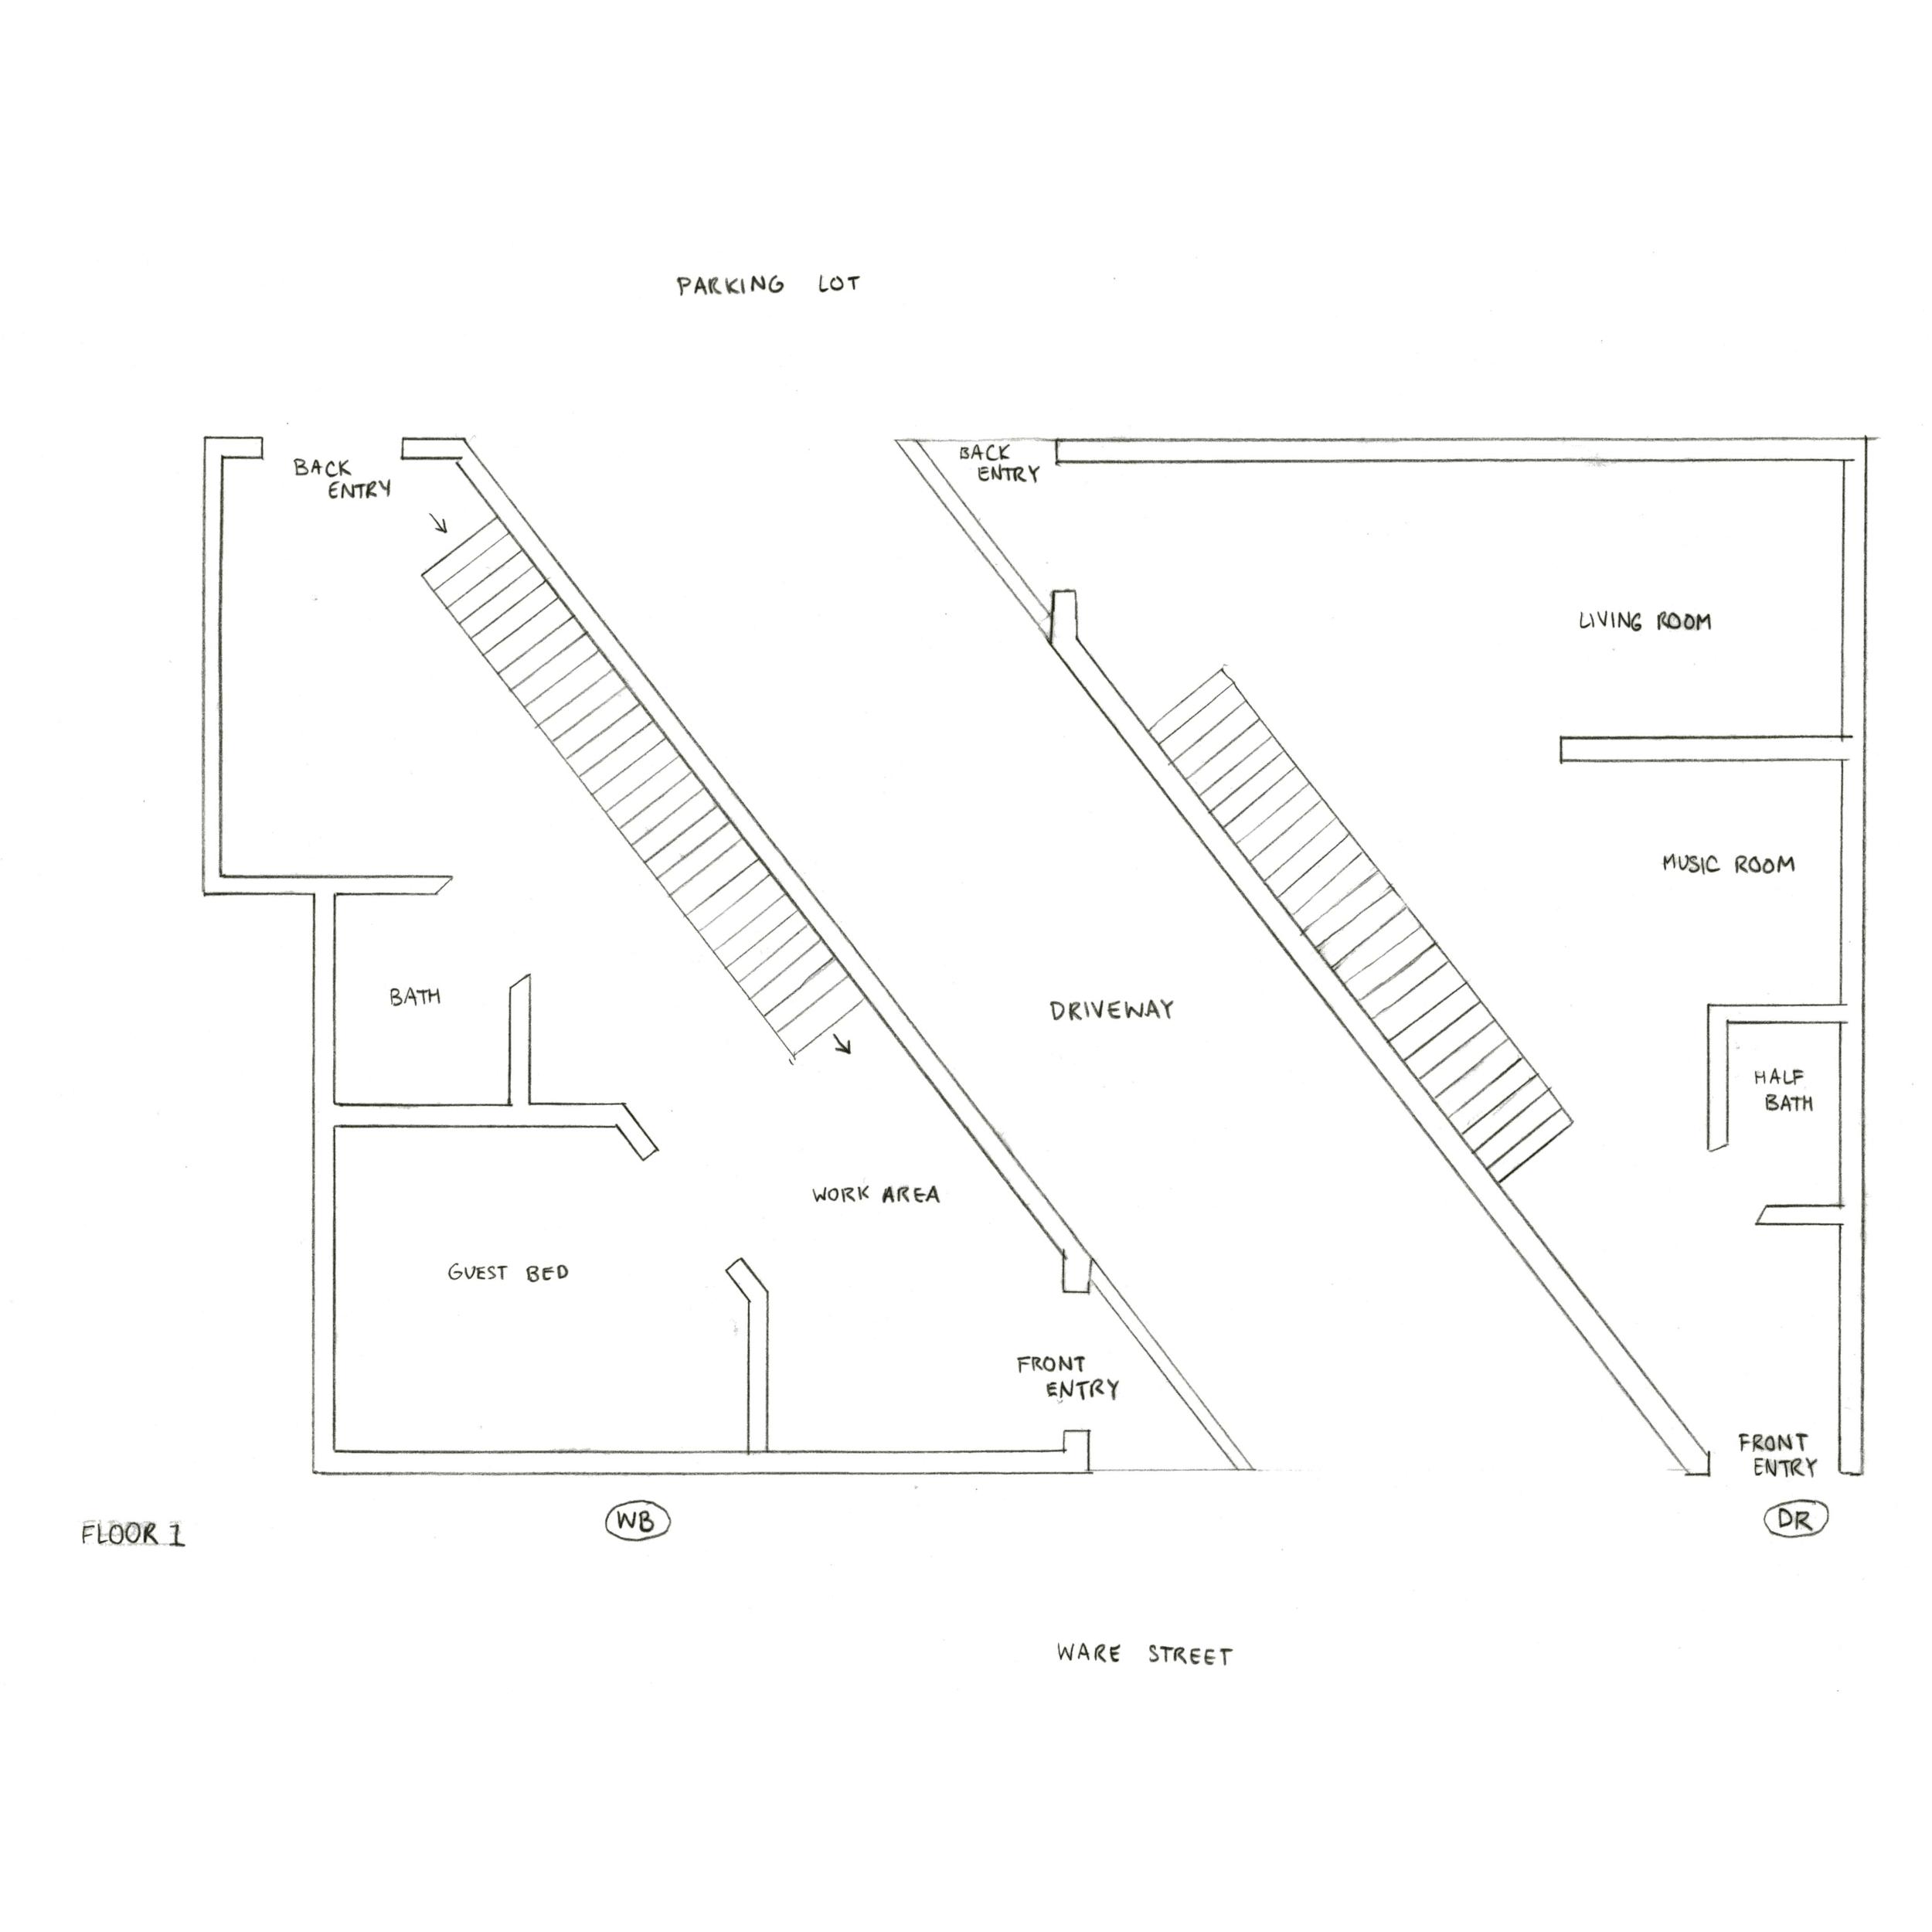 Floor 1 plan